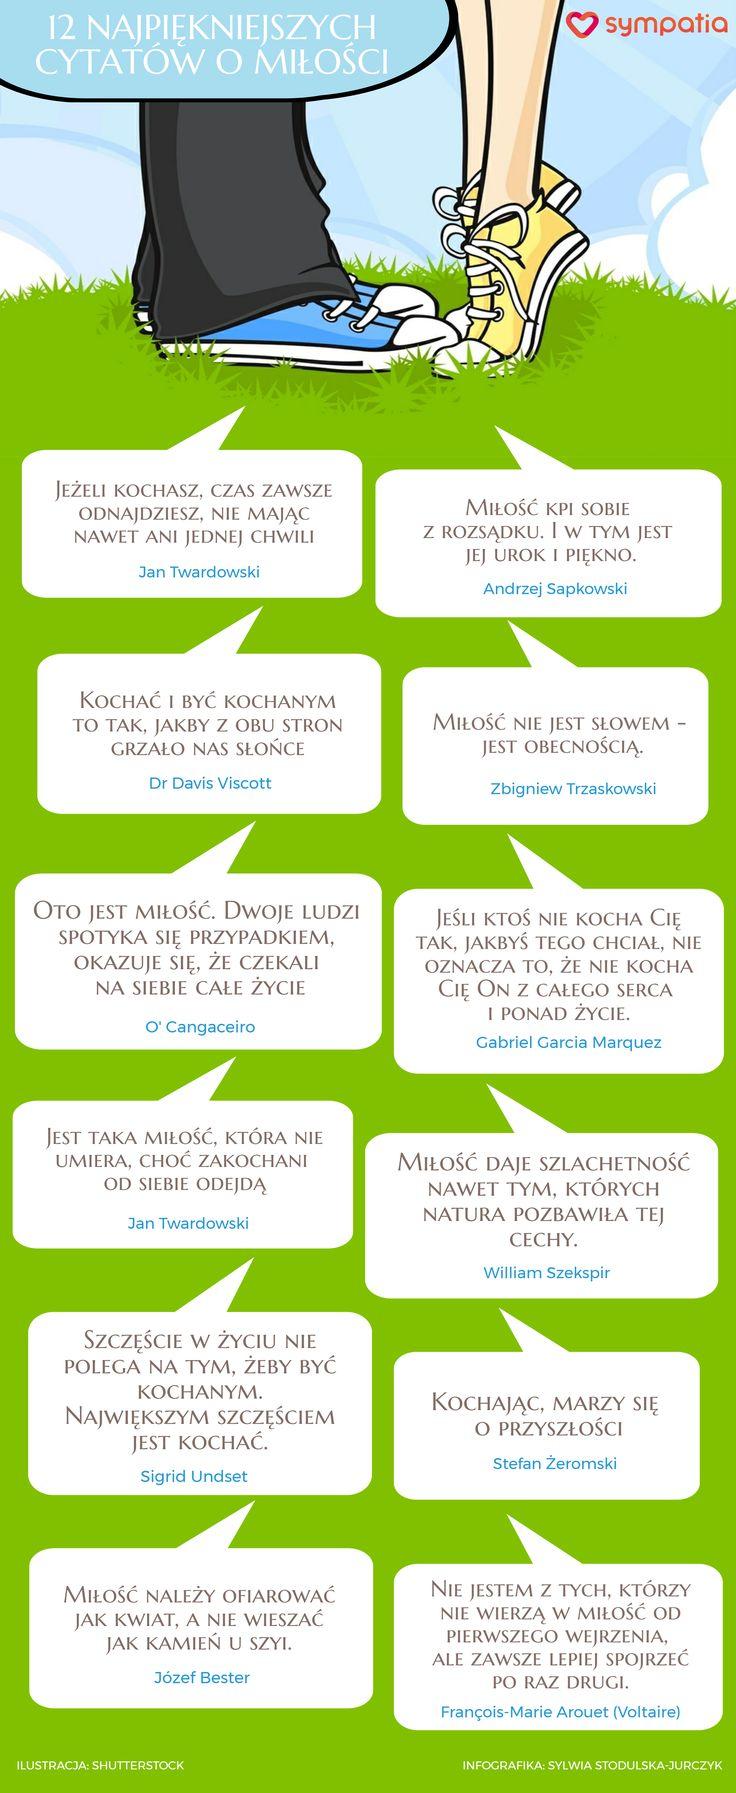 Najpiękniejsze cytaty o miłości według Sympatia.pl